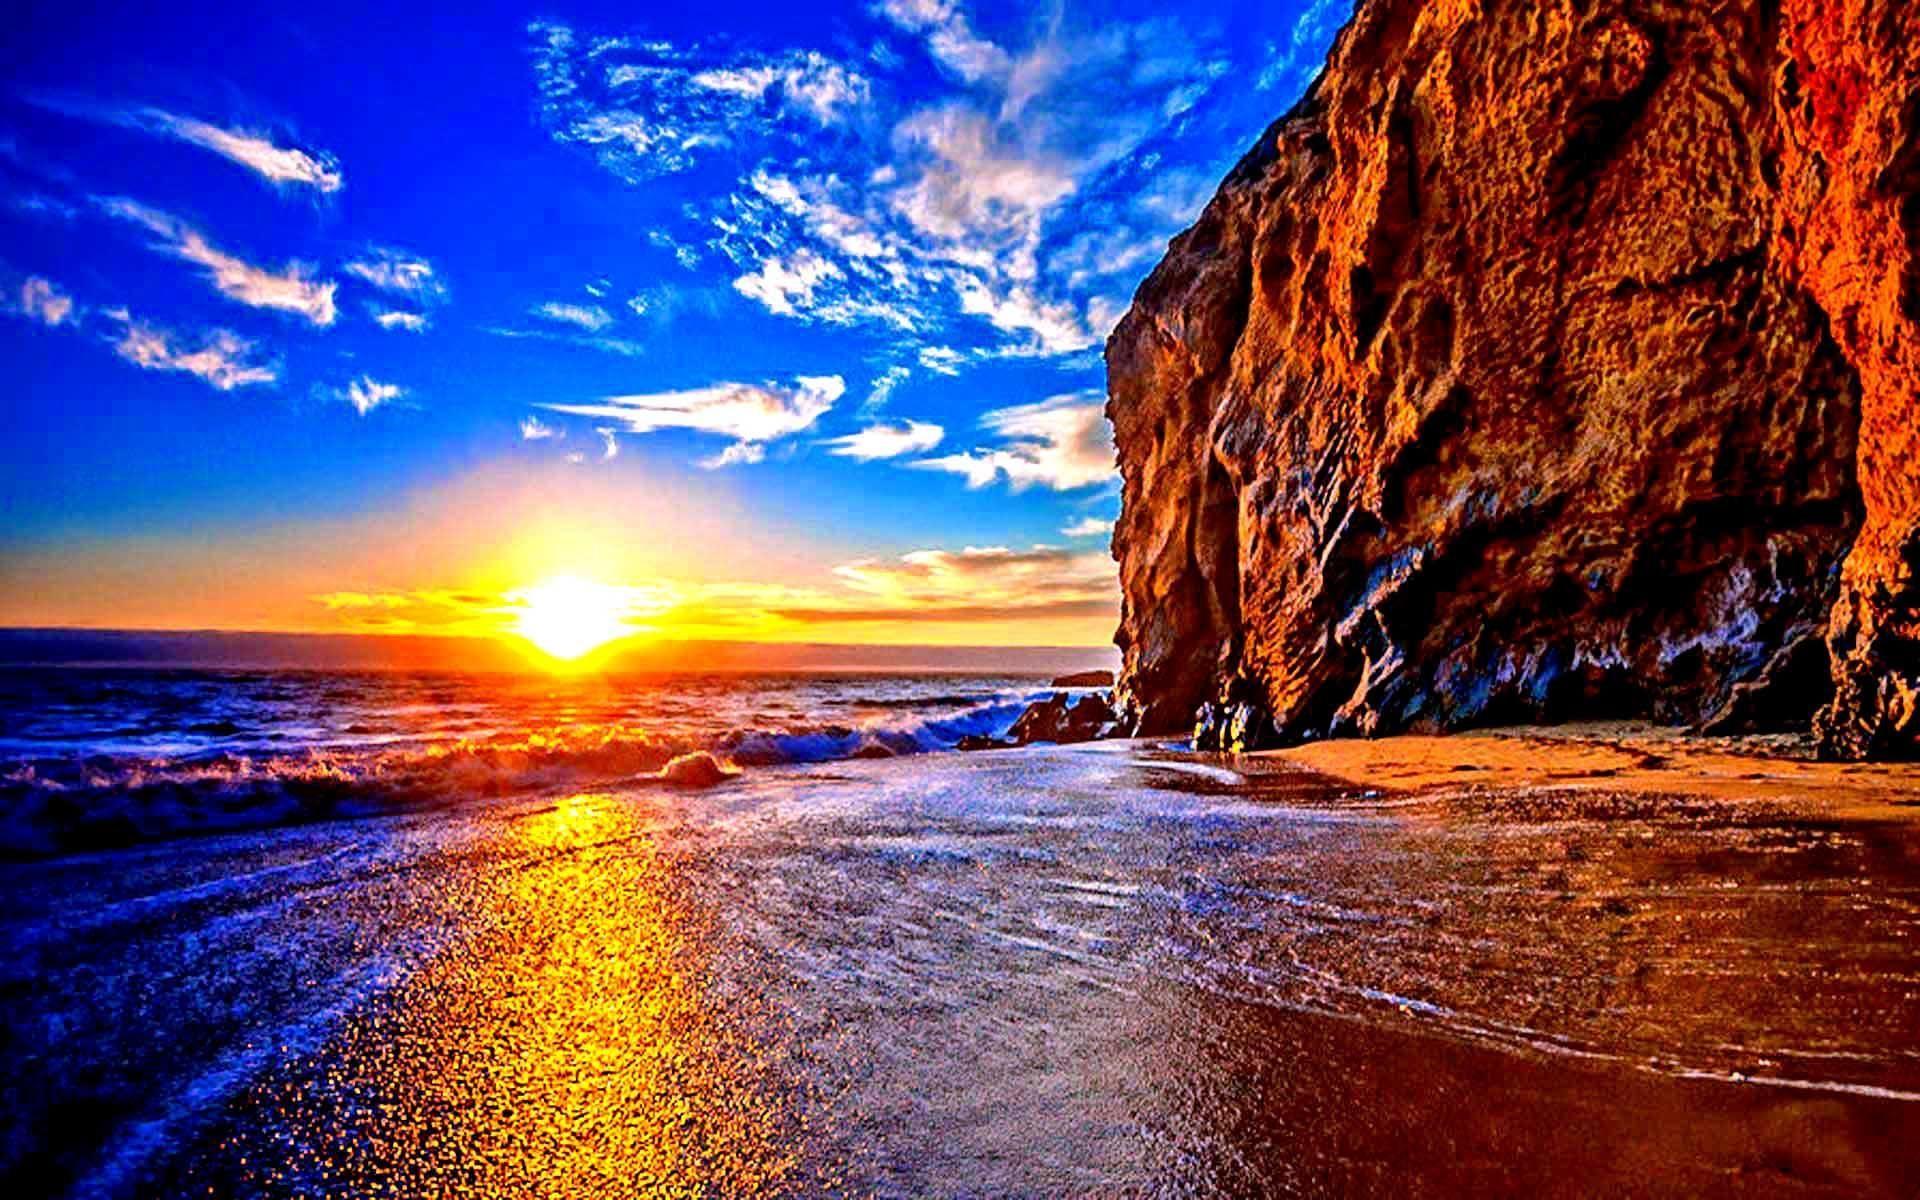 предлагаем фото морского заката в высоком качестве шошилиб